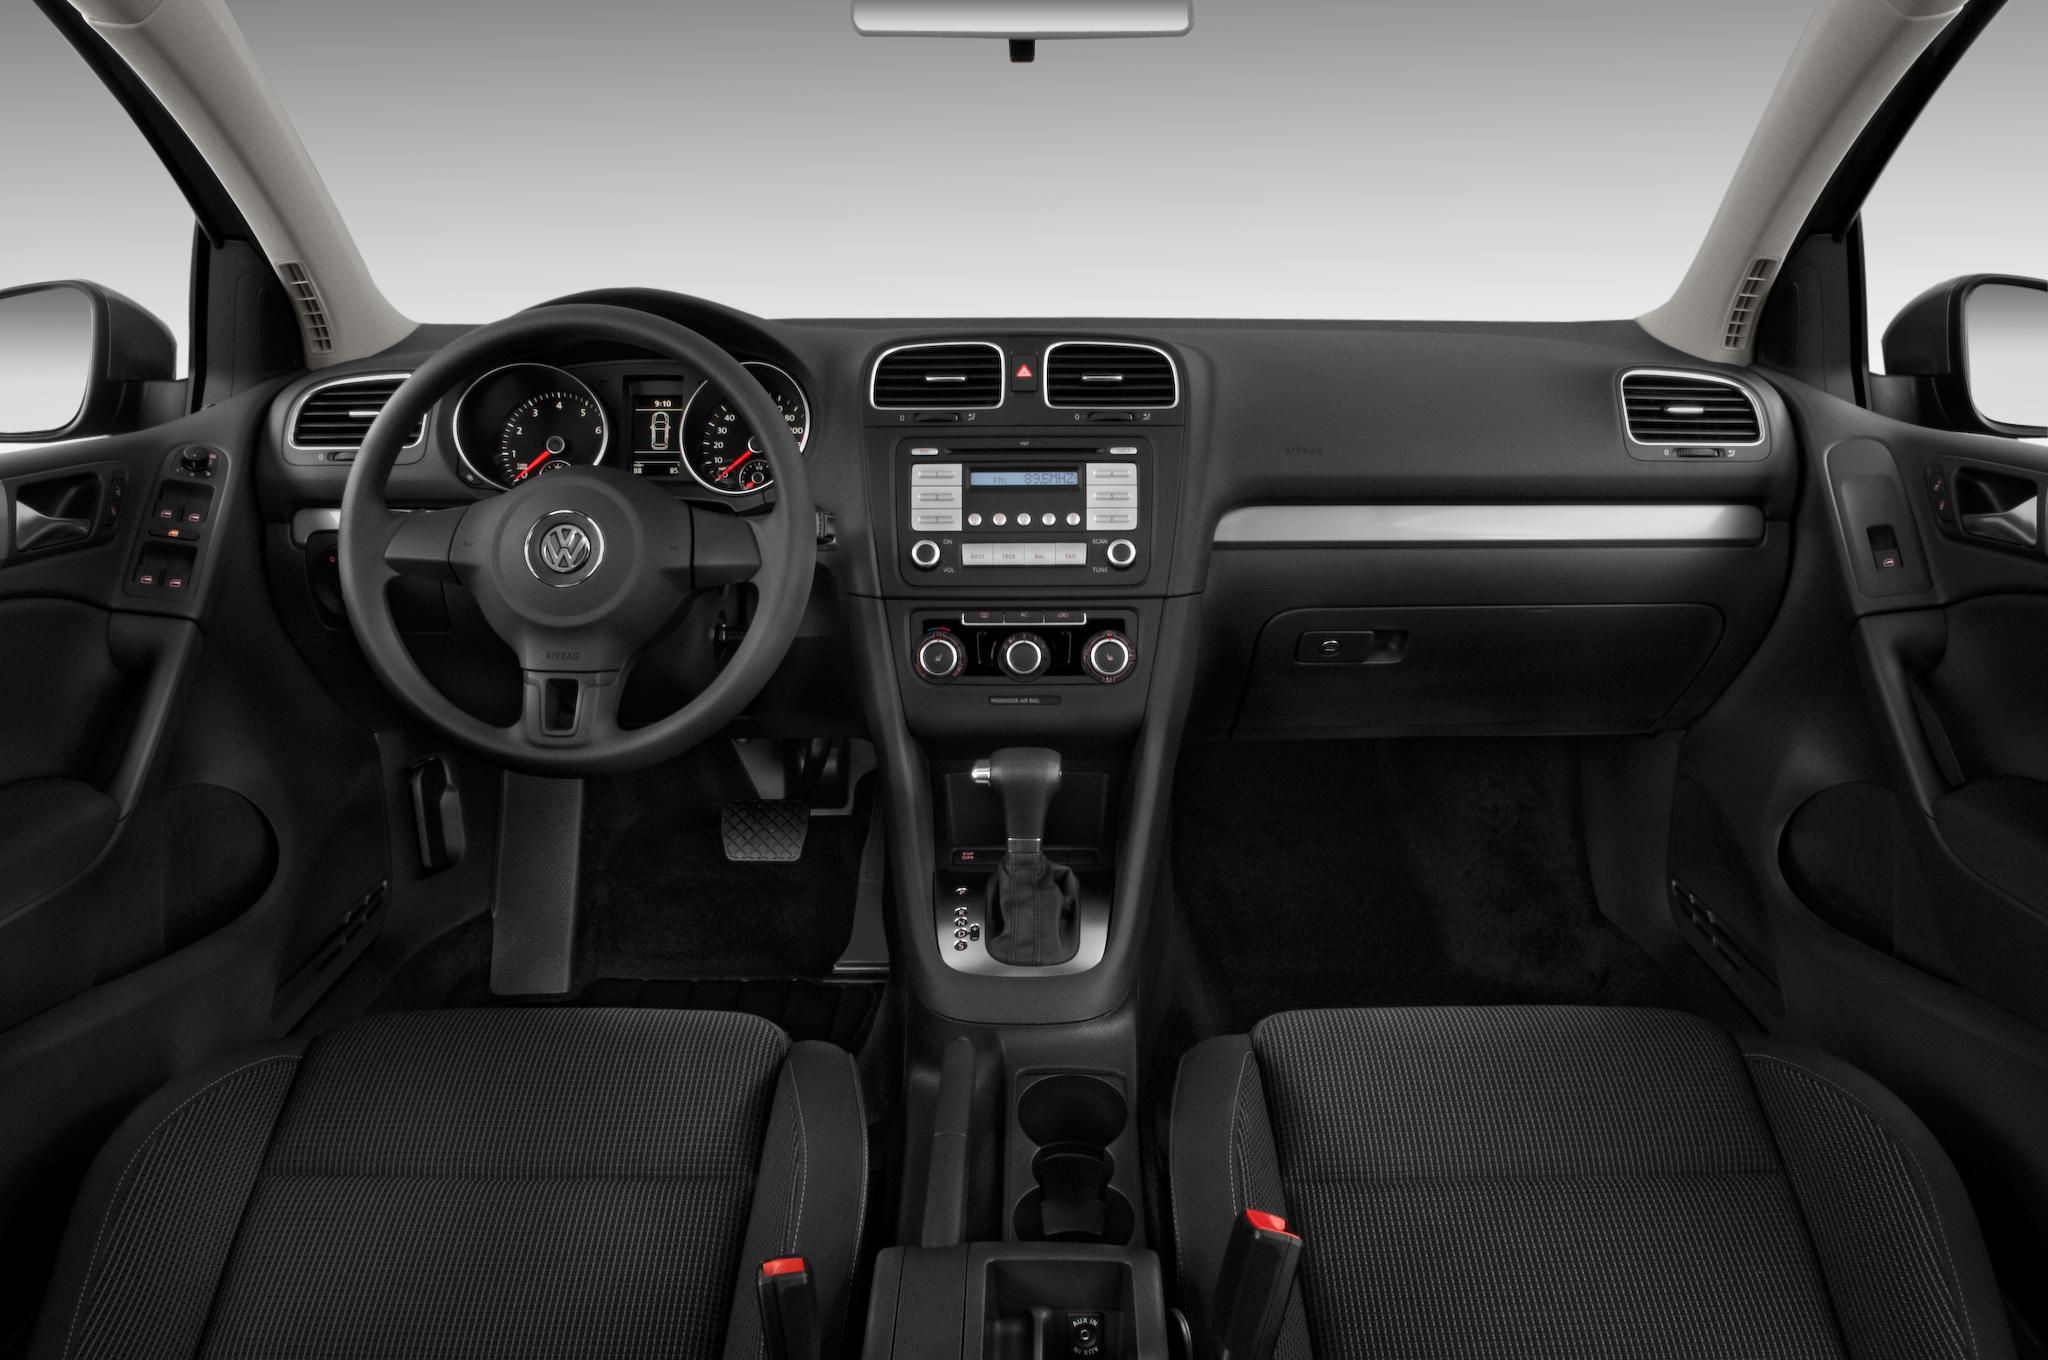 2010 Volkswagen Golf 2 Door Editors Notebook Review Automobile